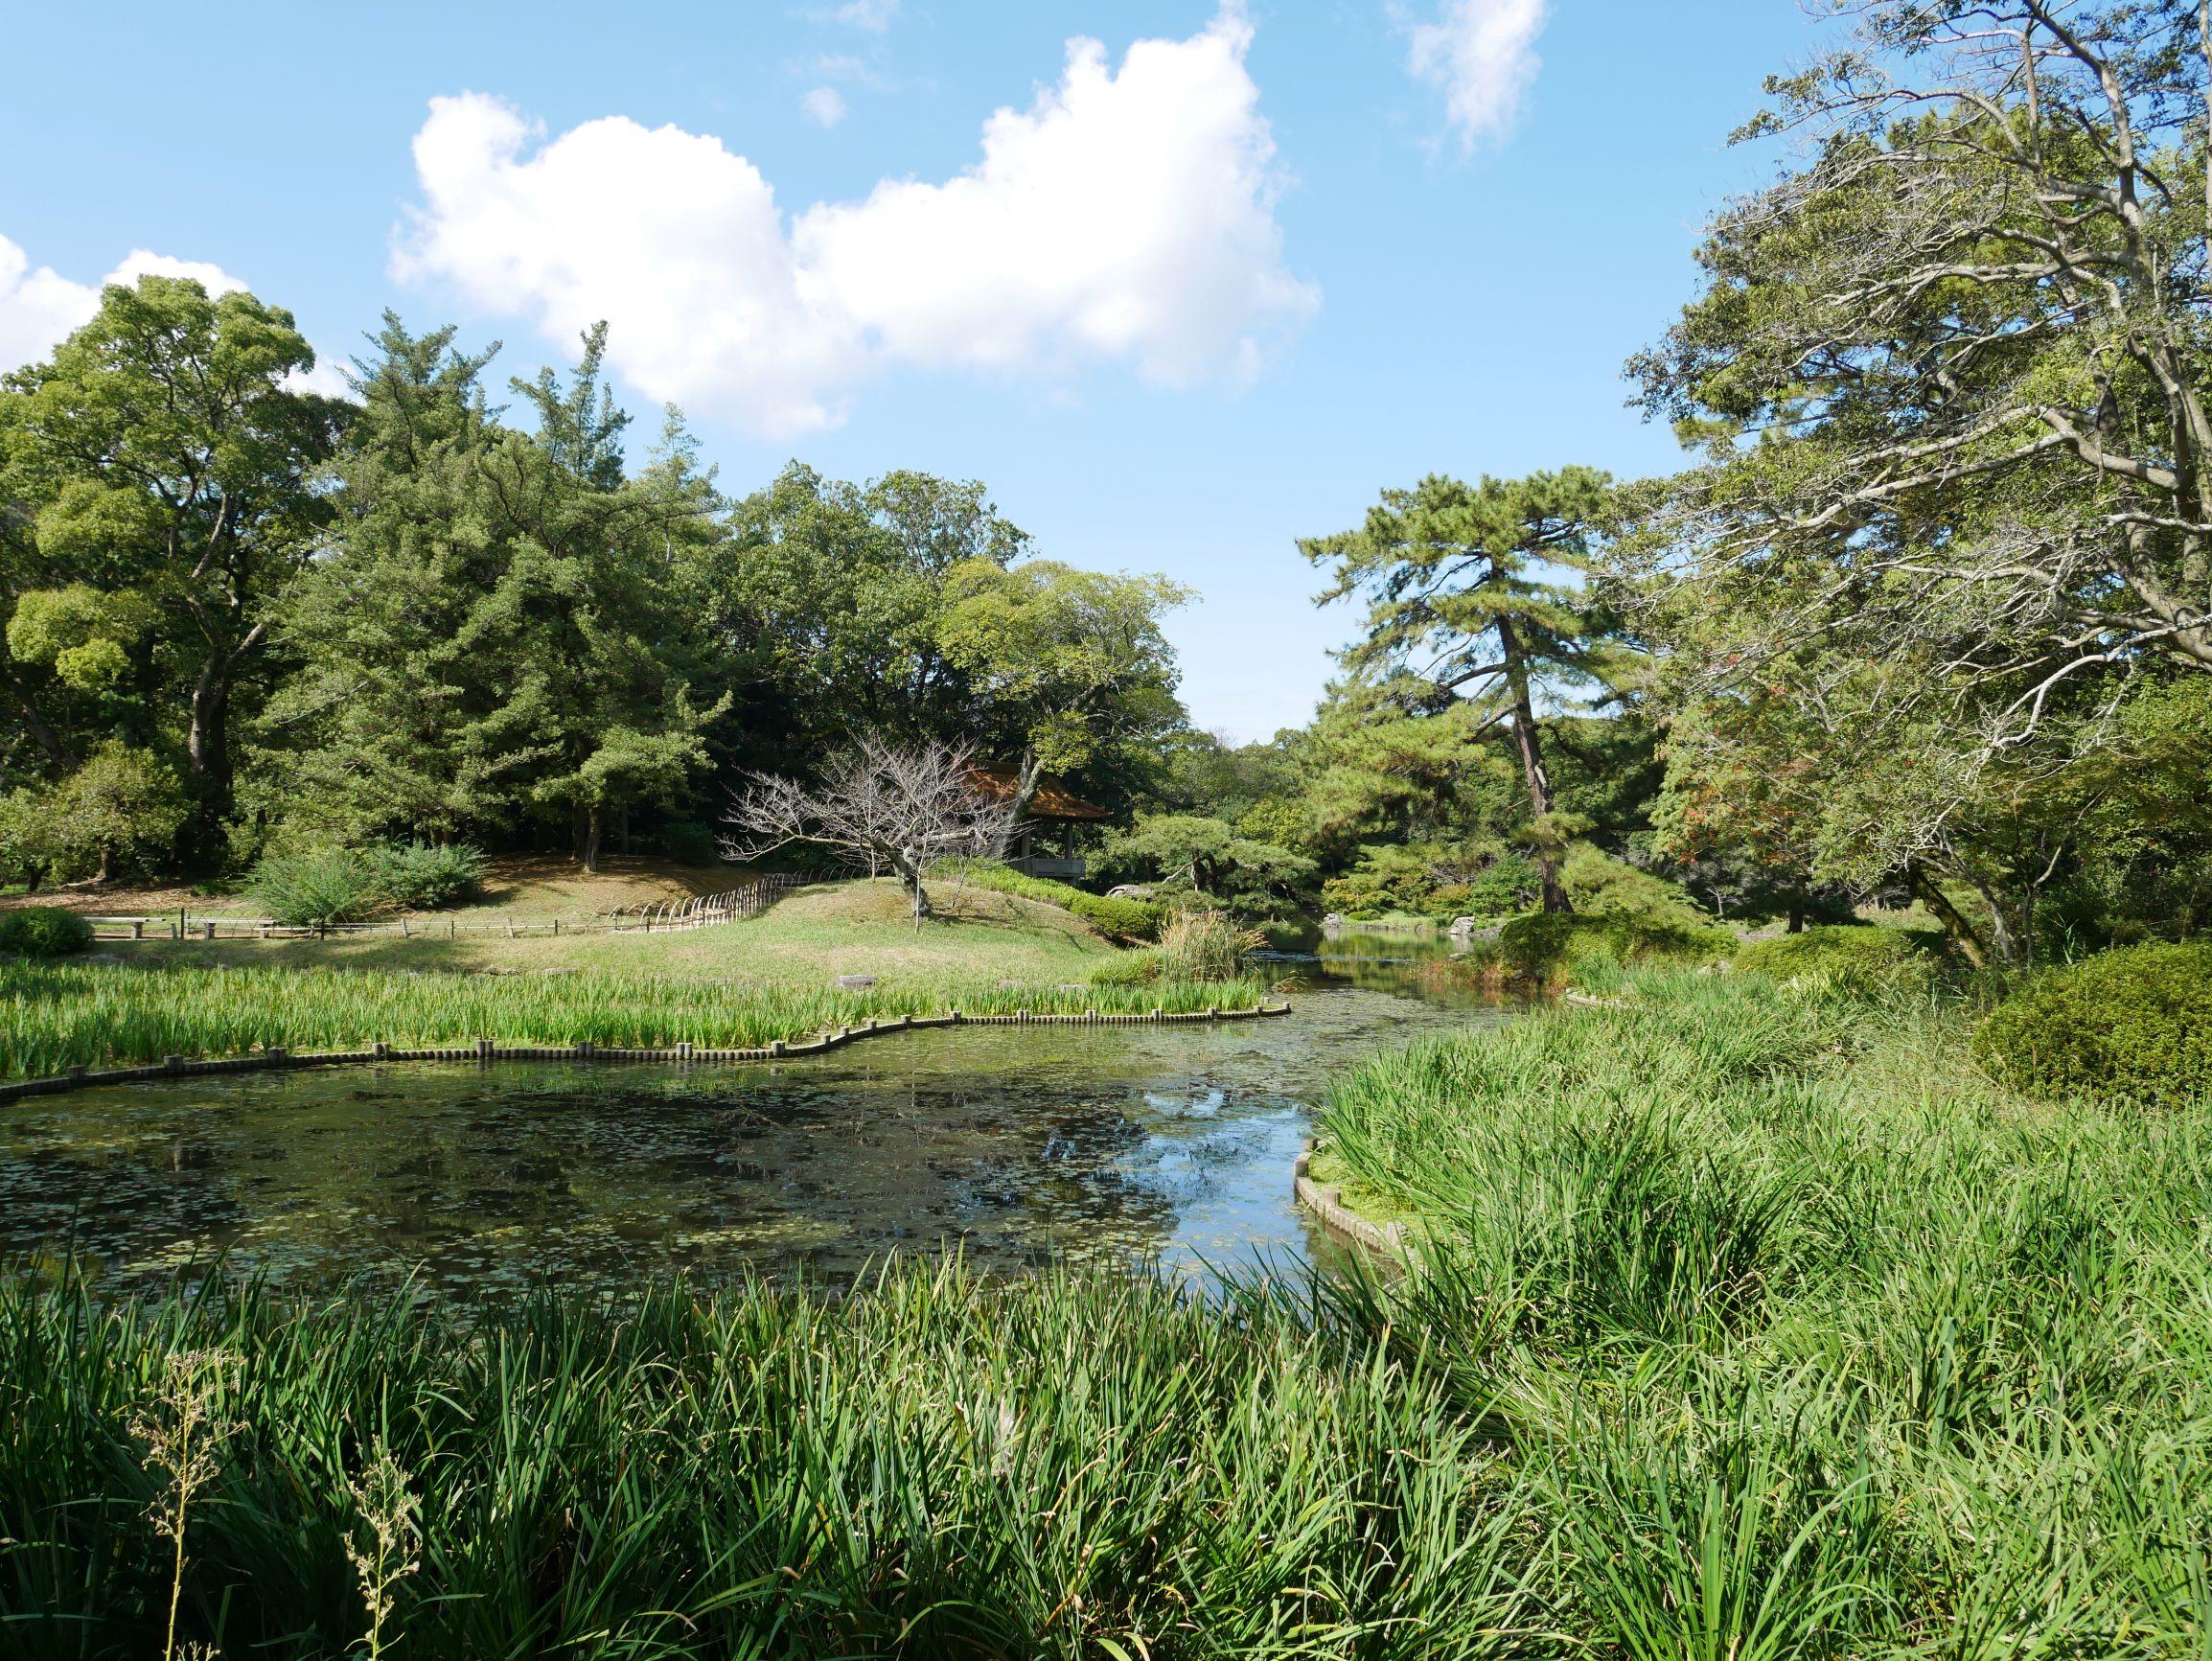 群鴨池旁種了4000多株的花菖蒲